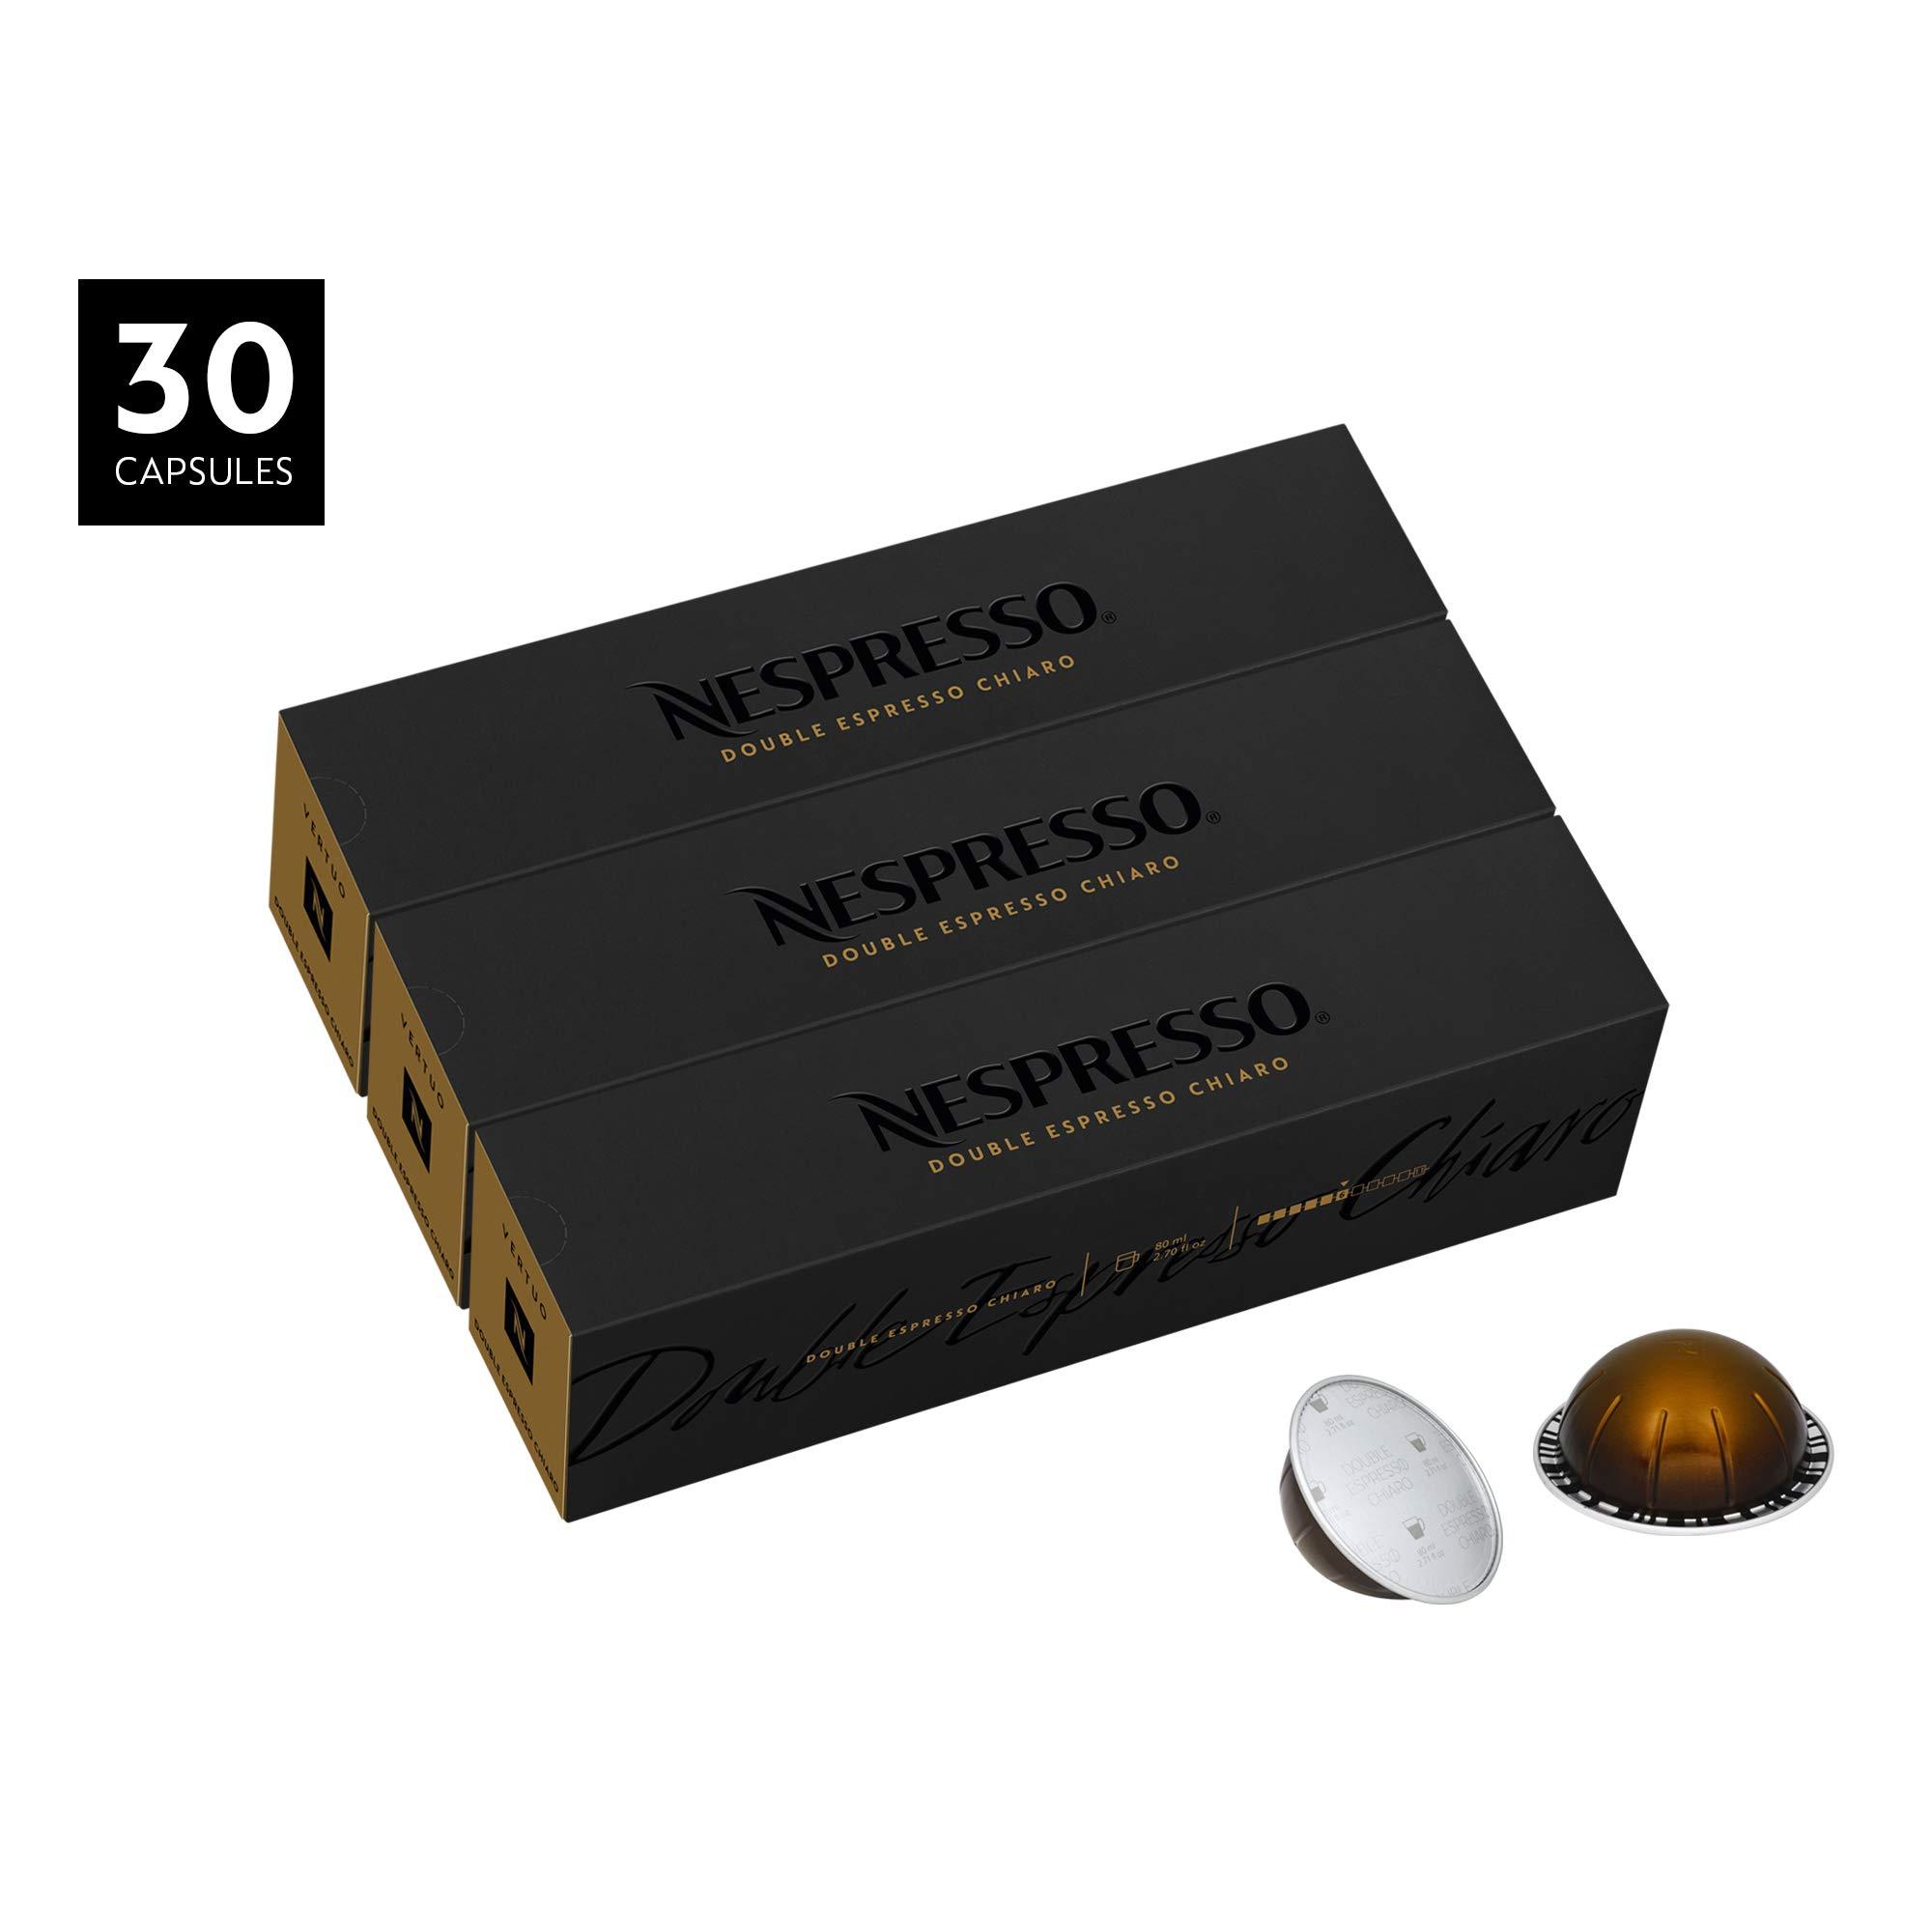 Nespresso VertuoLine Double Espresso Chiaro, Mild, 30 Count